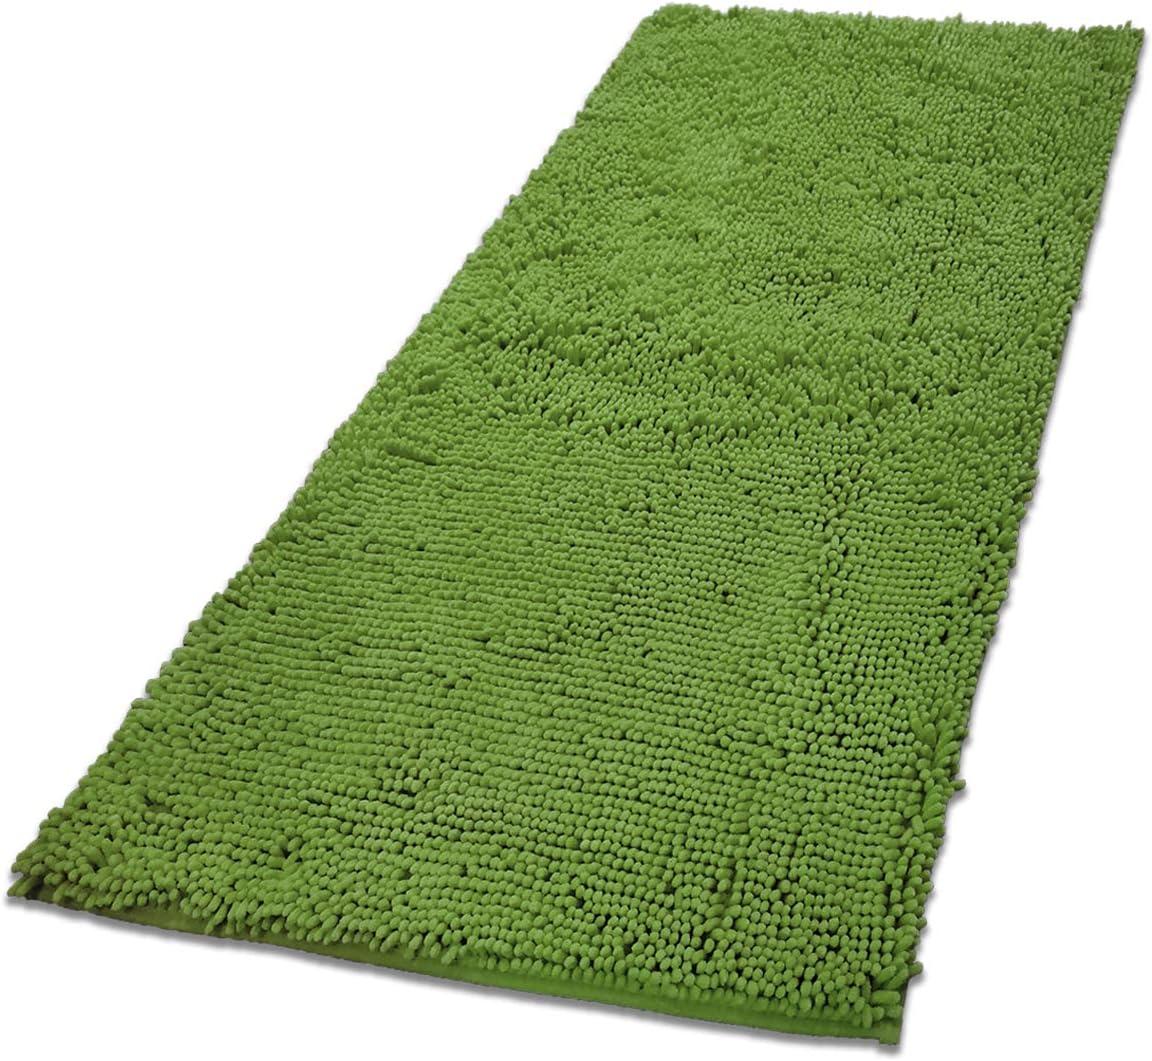 MAYSHINE Absorbent Microfiber Chenille Door mat Runner for Front Inside Floor Doormats, Quick Drying, Washable-31x59 inch Green